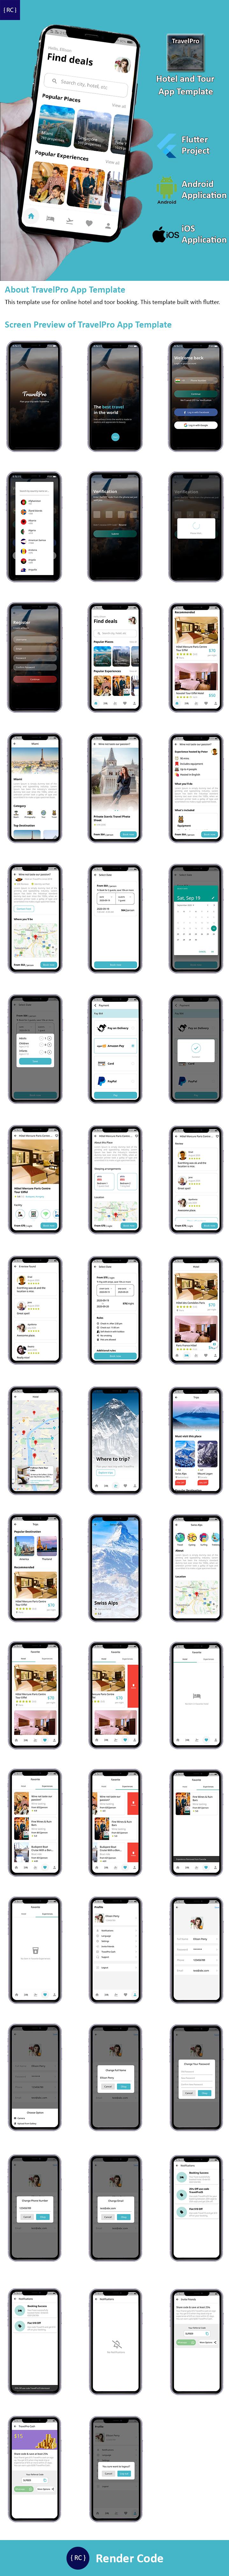 StunningKit - Biggest Flutter App Template Kit (15 App Template) - 3